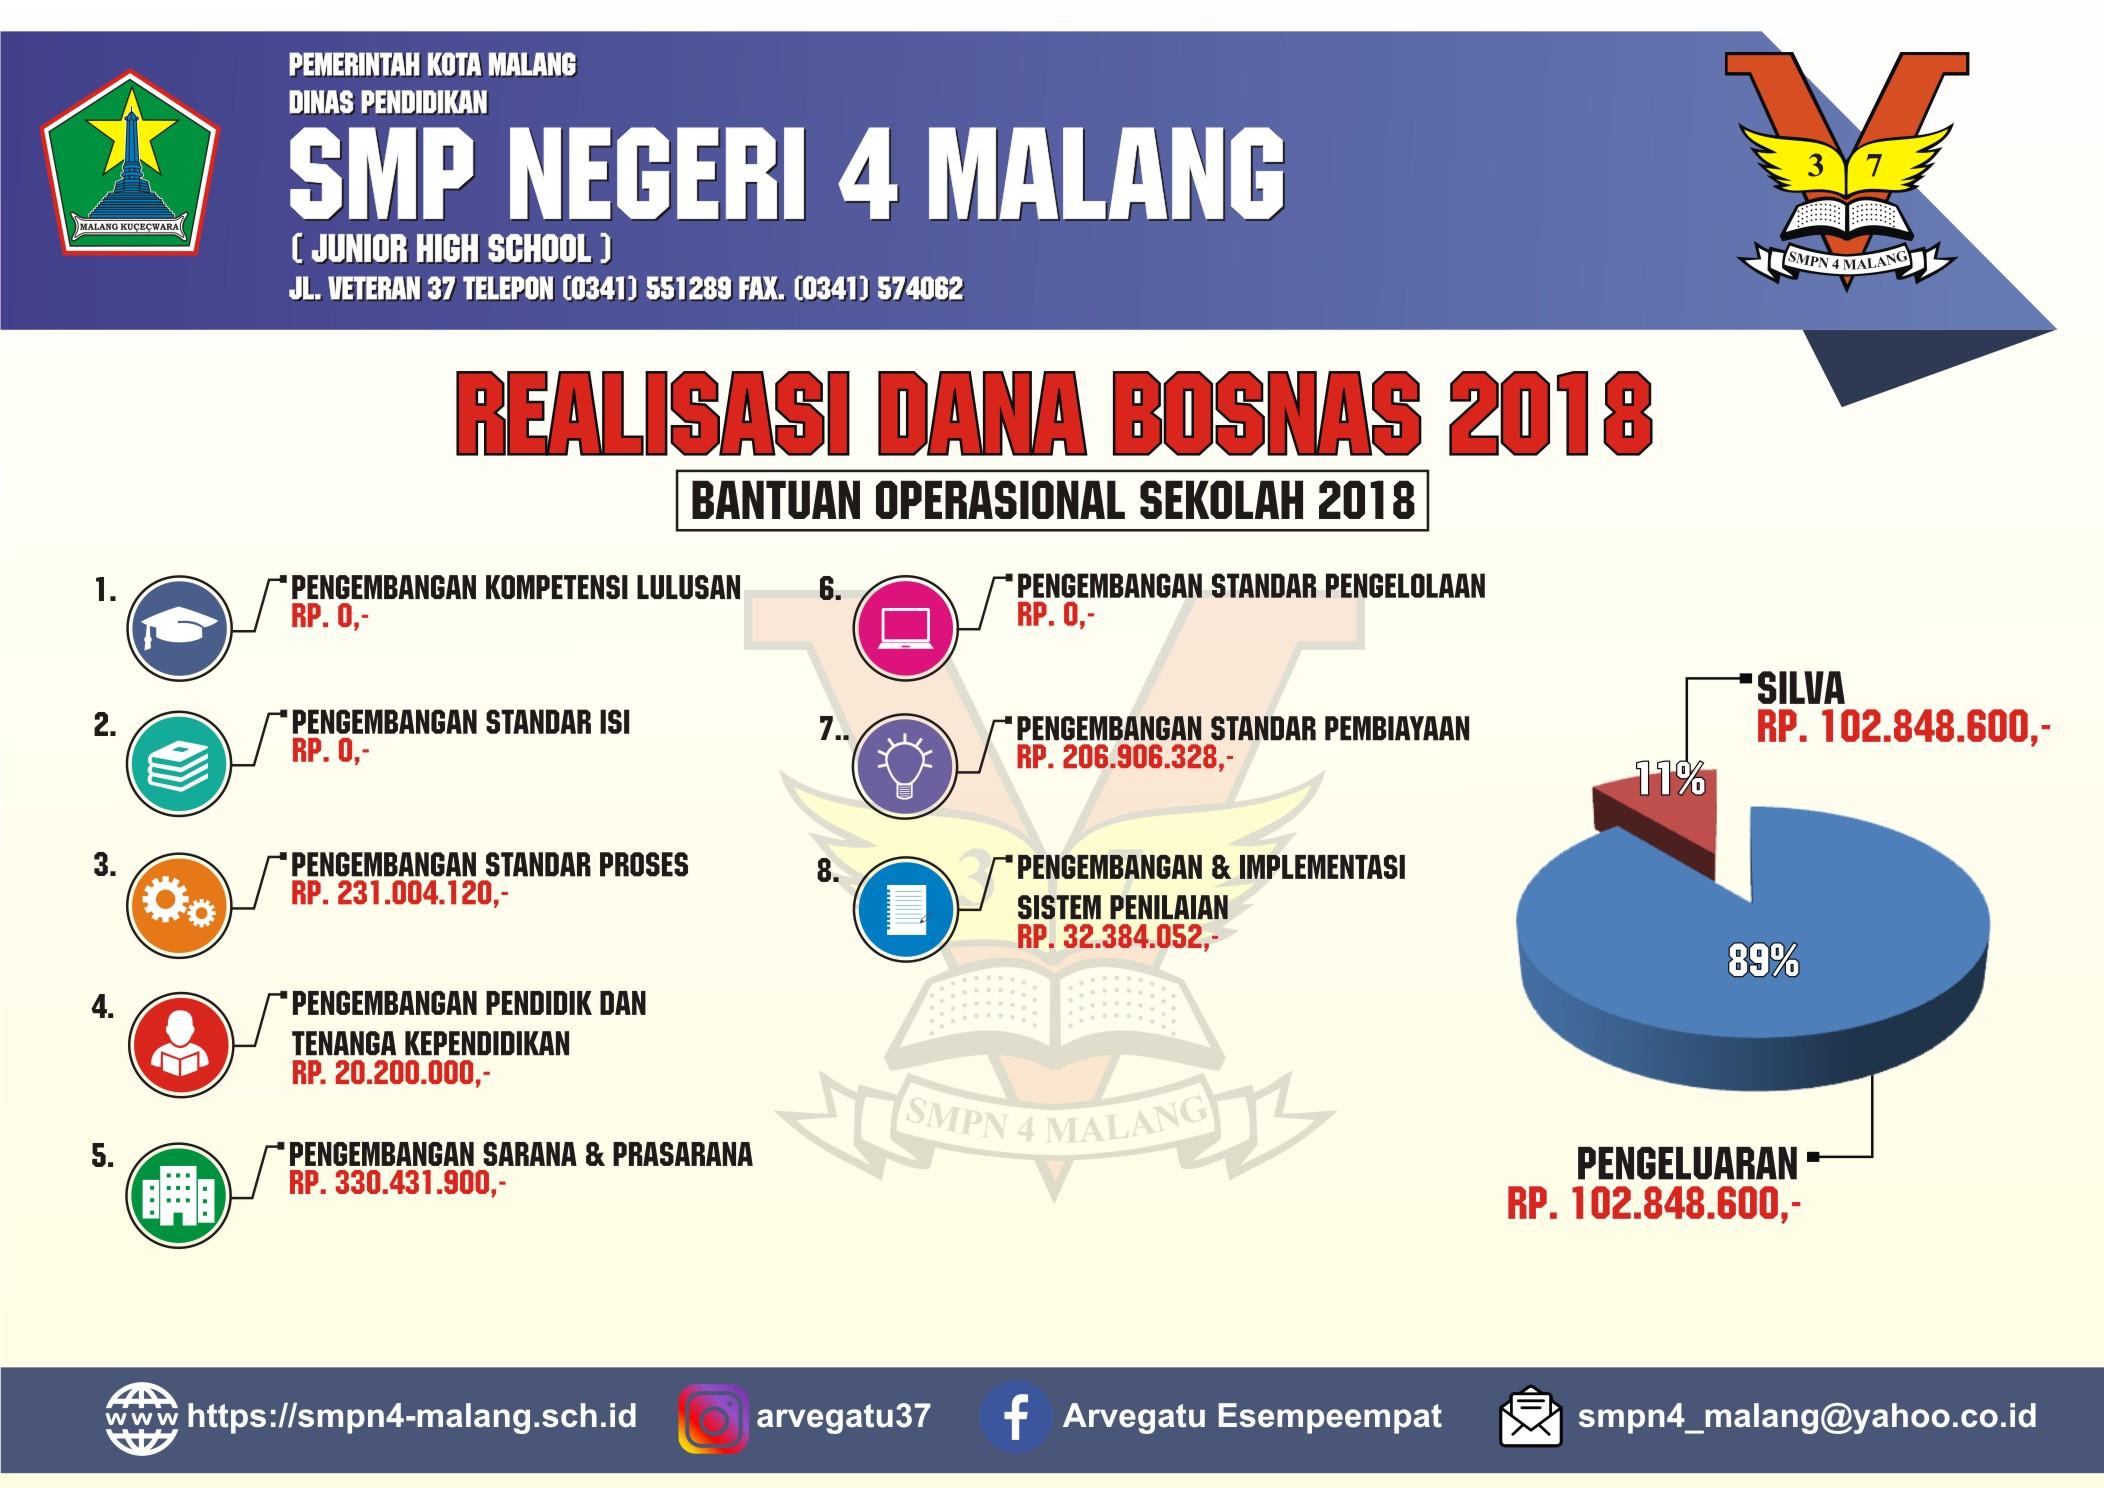 Infografik Bosnas 2018 SMP Negeri 4 Malang